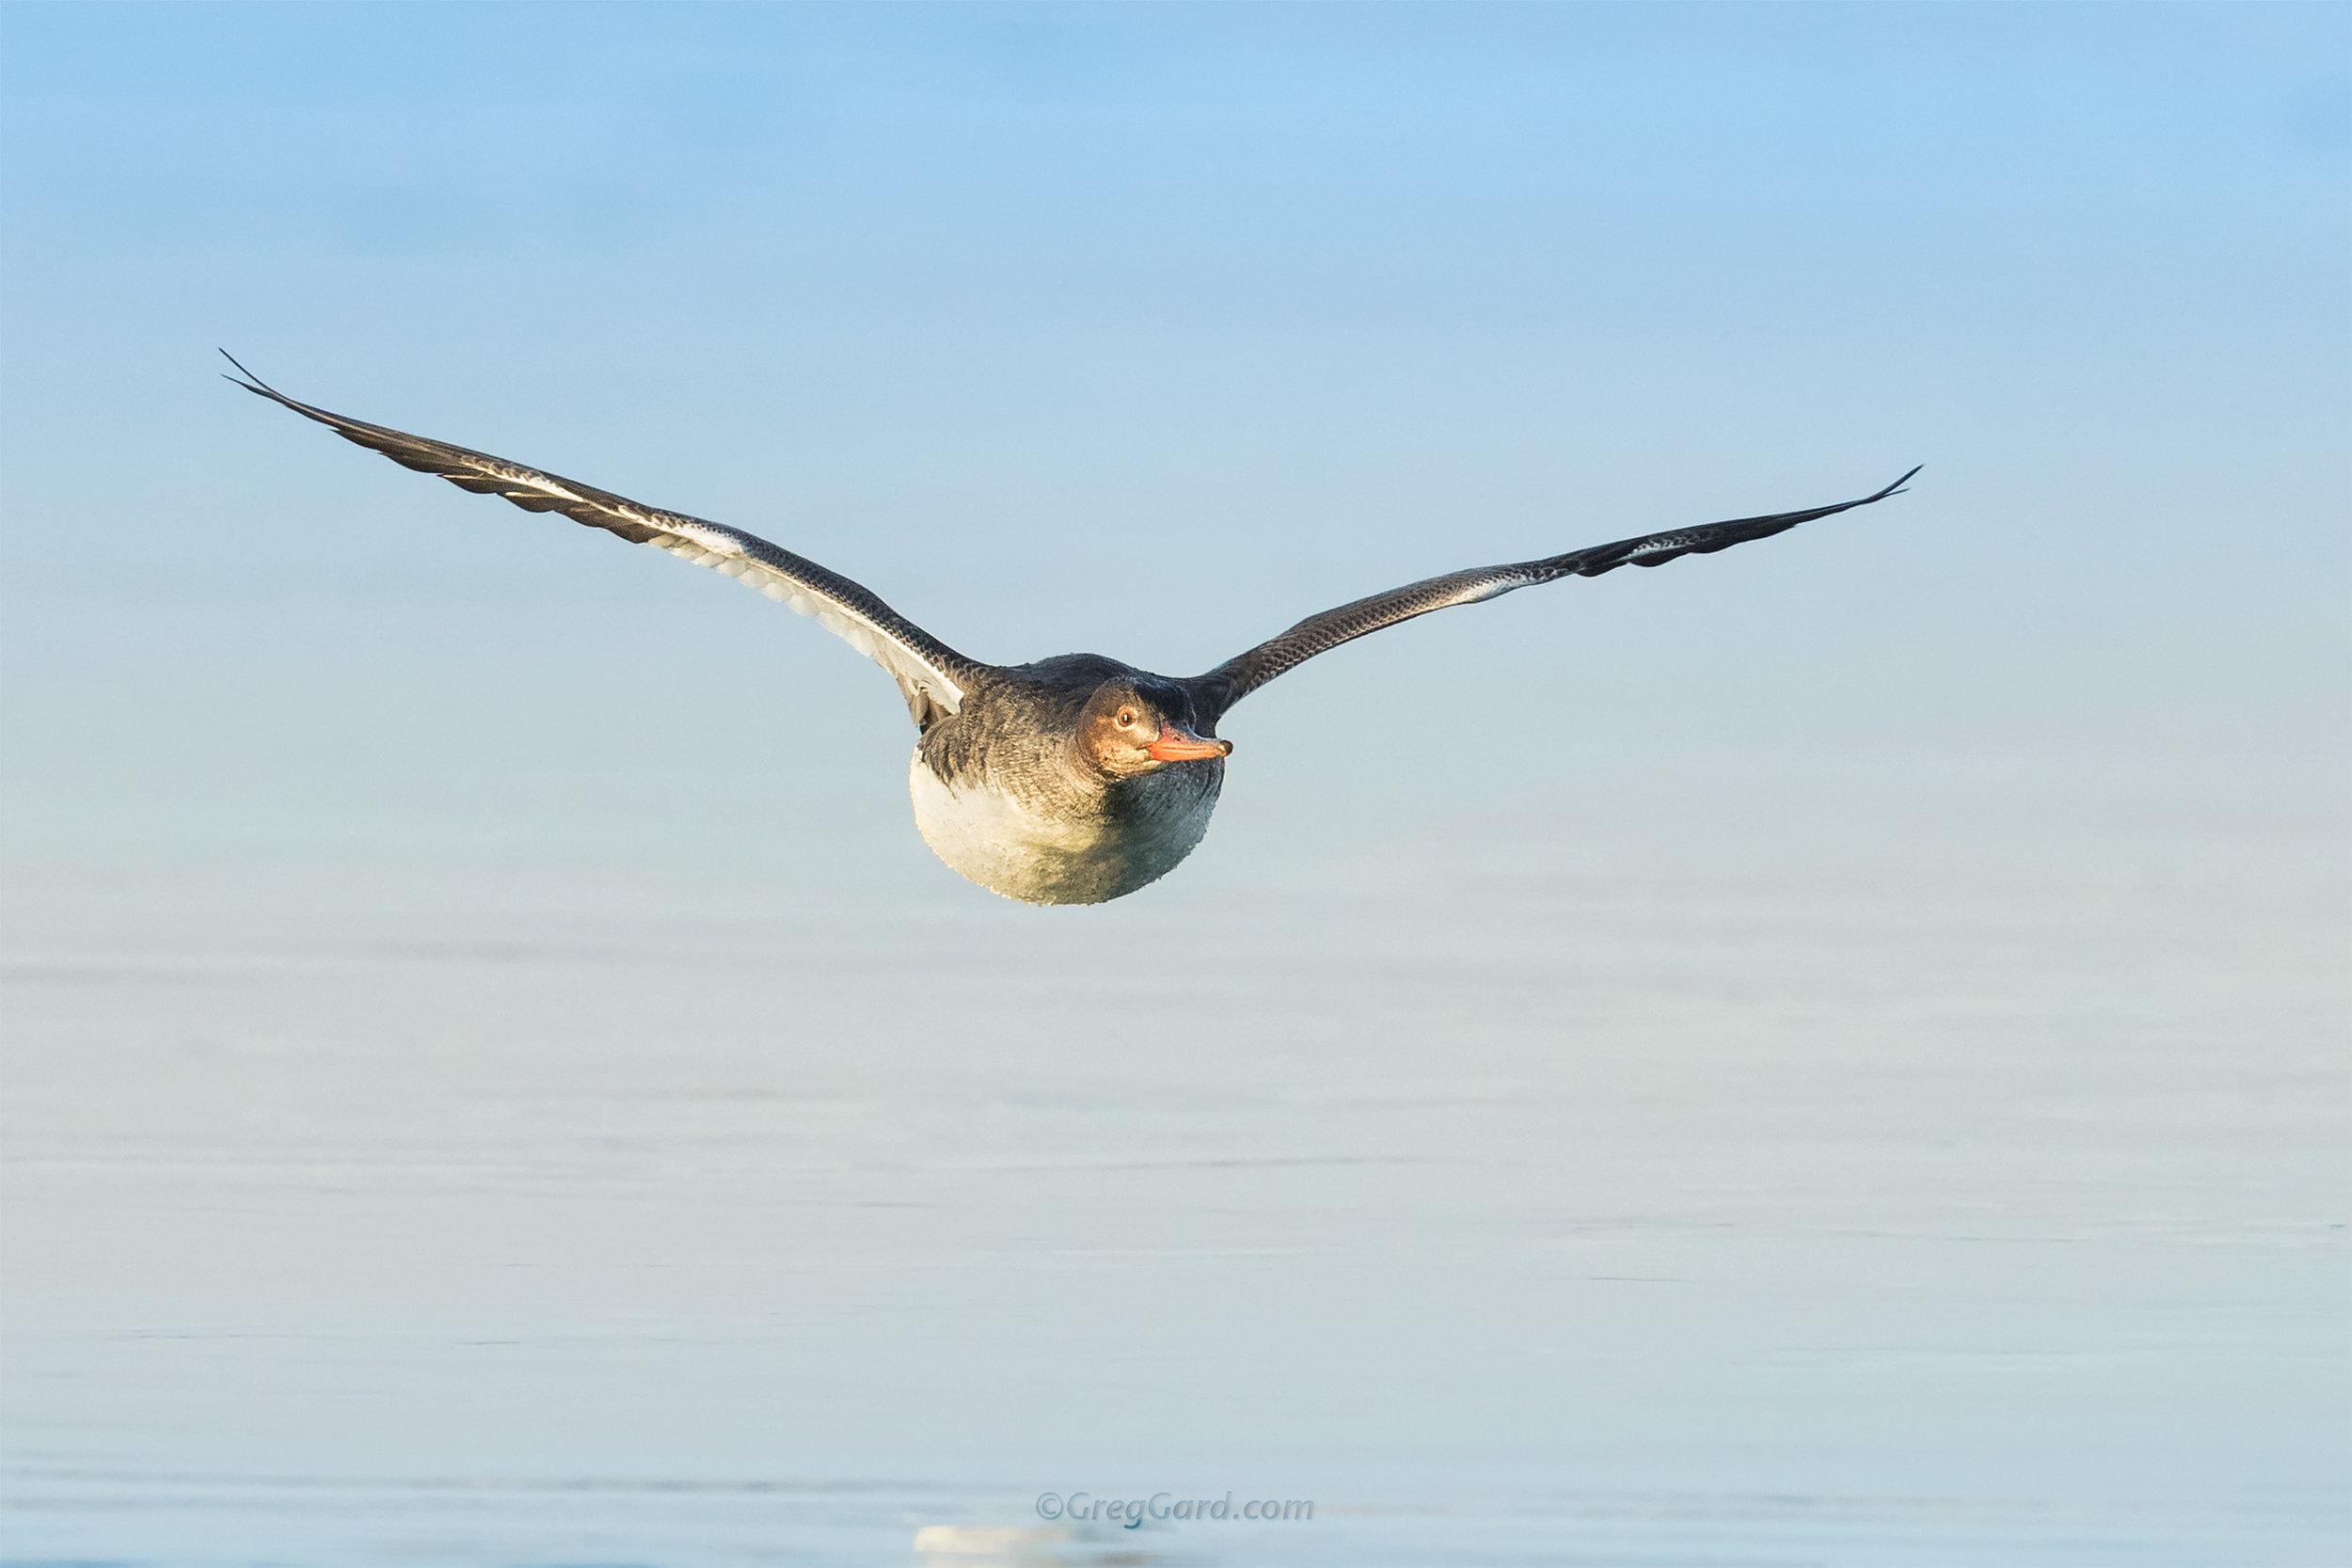 Common Merganser in flight - NJ